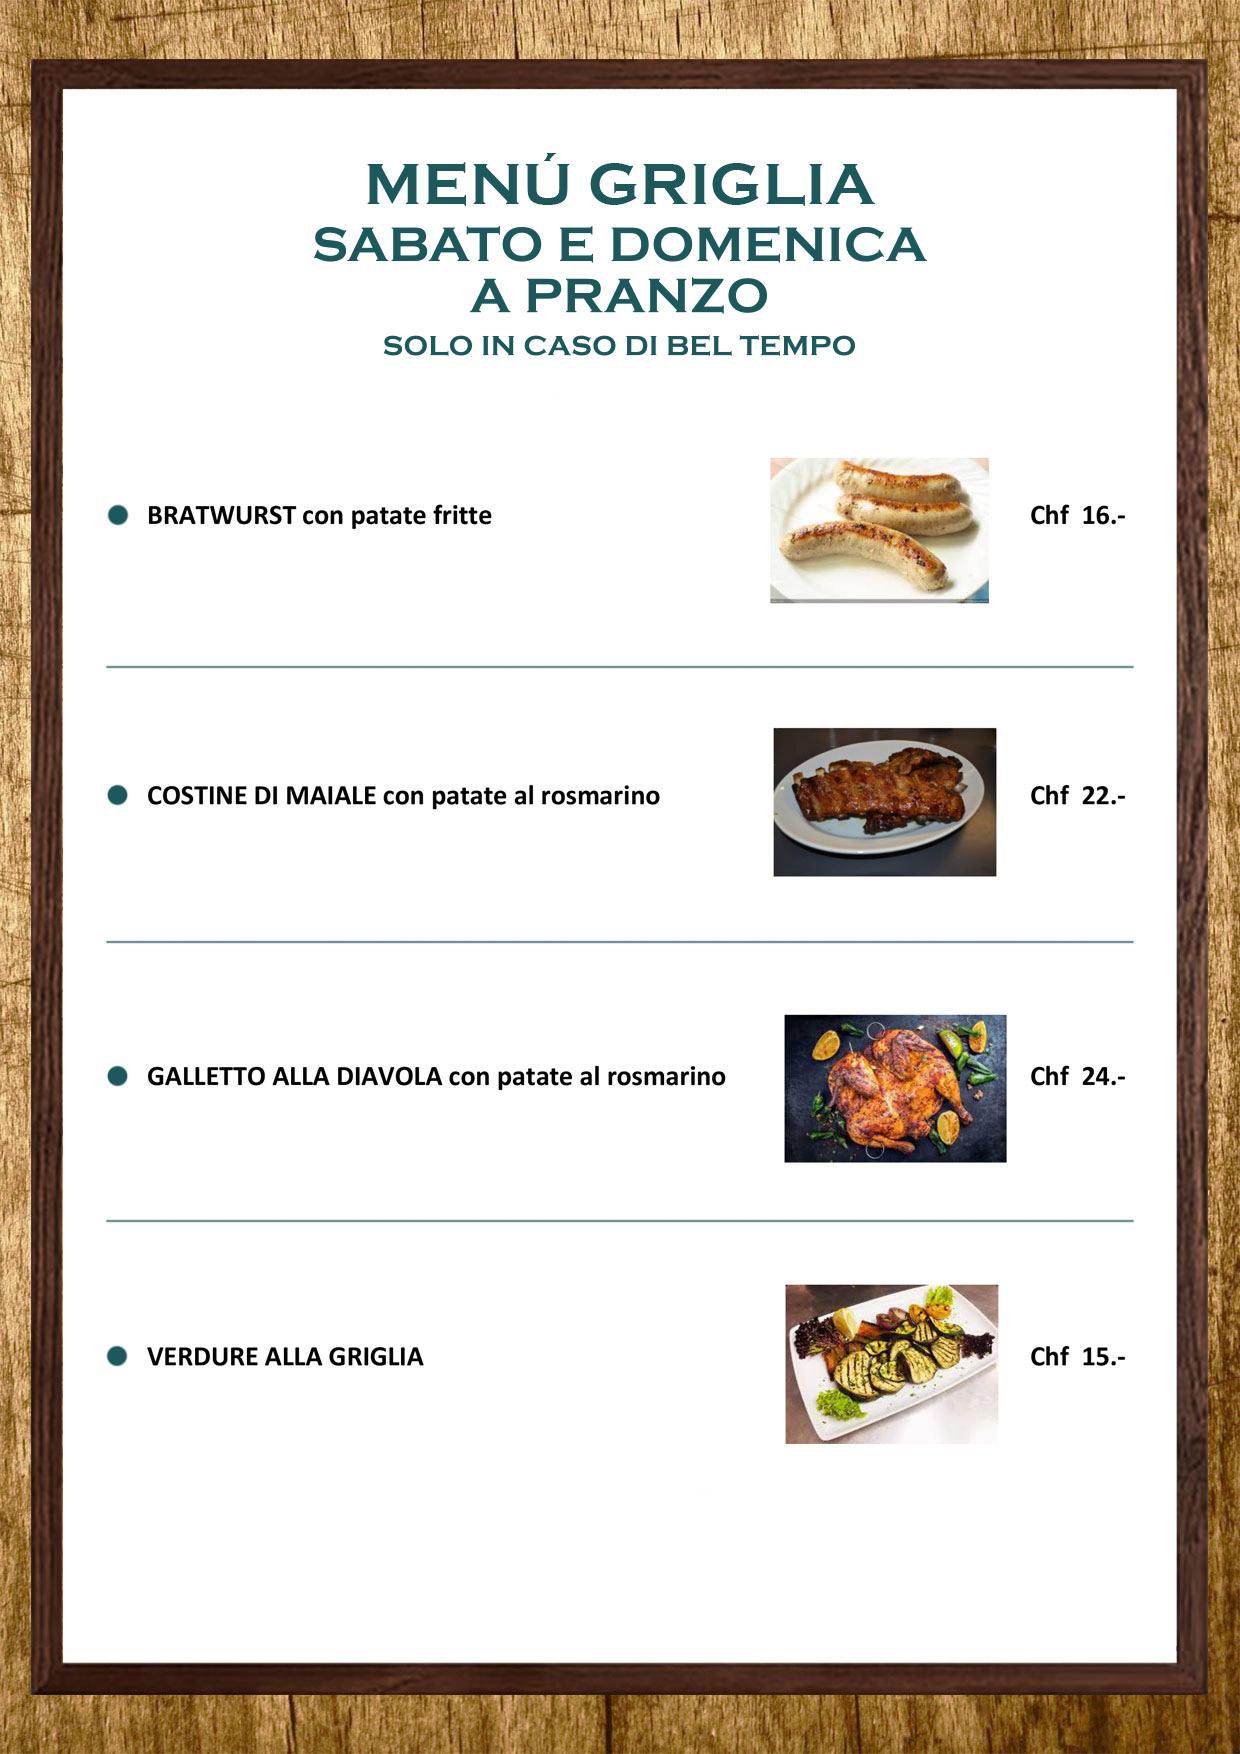 Menu-Griglia-Sabato-Domenica-APR21